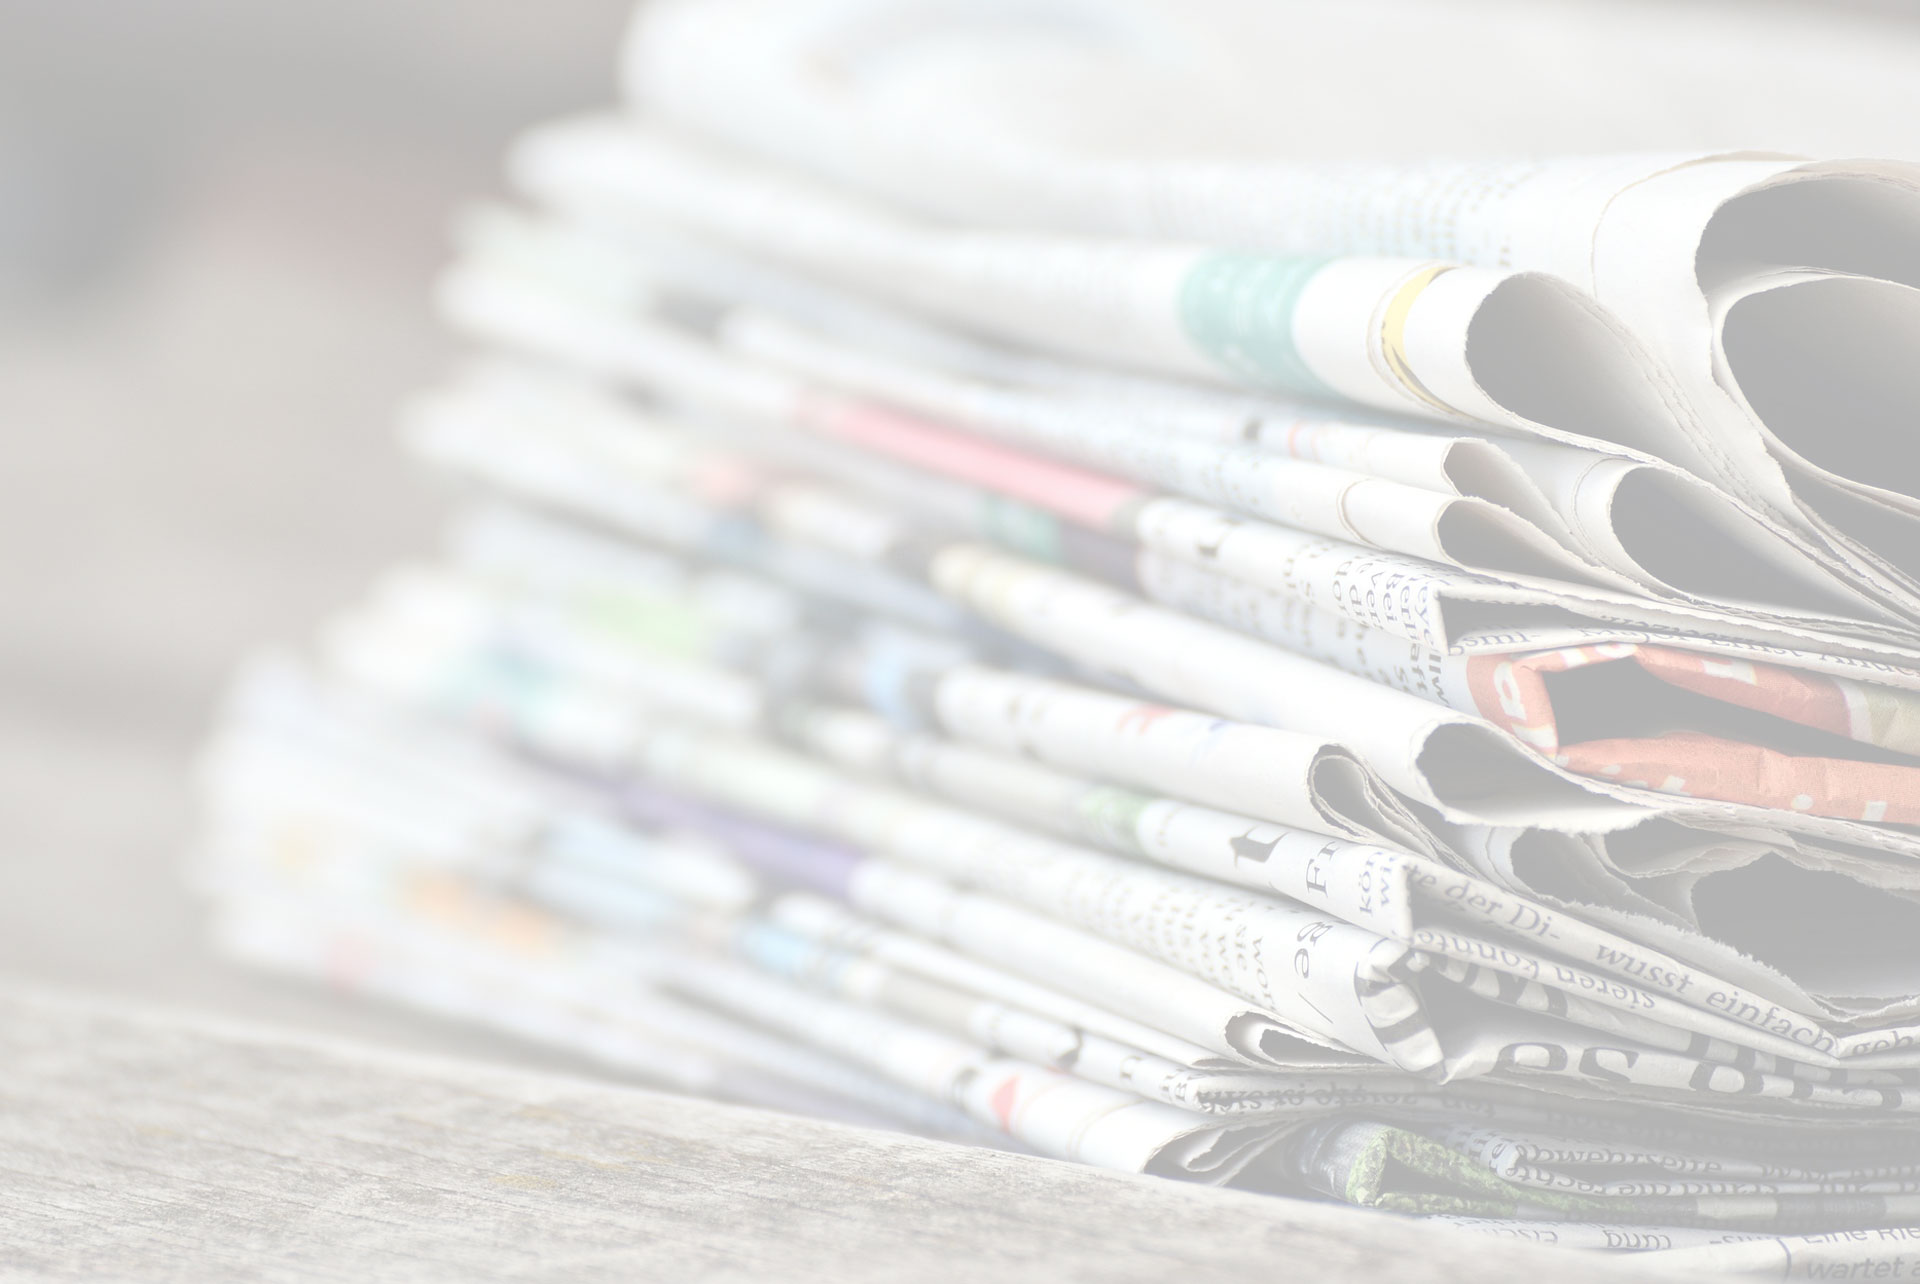 Polizia Vienna